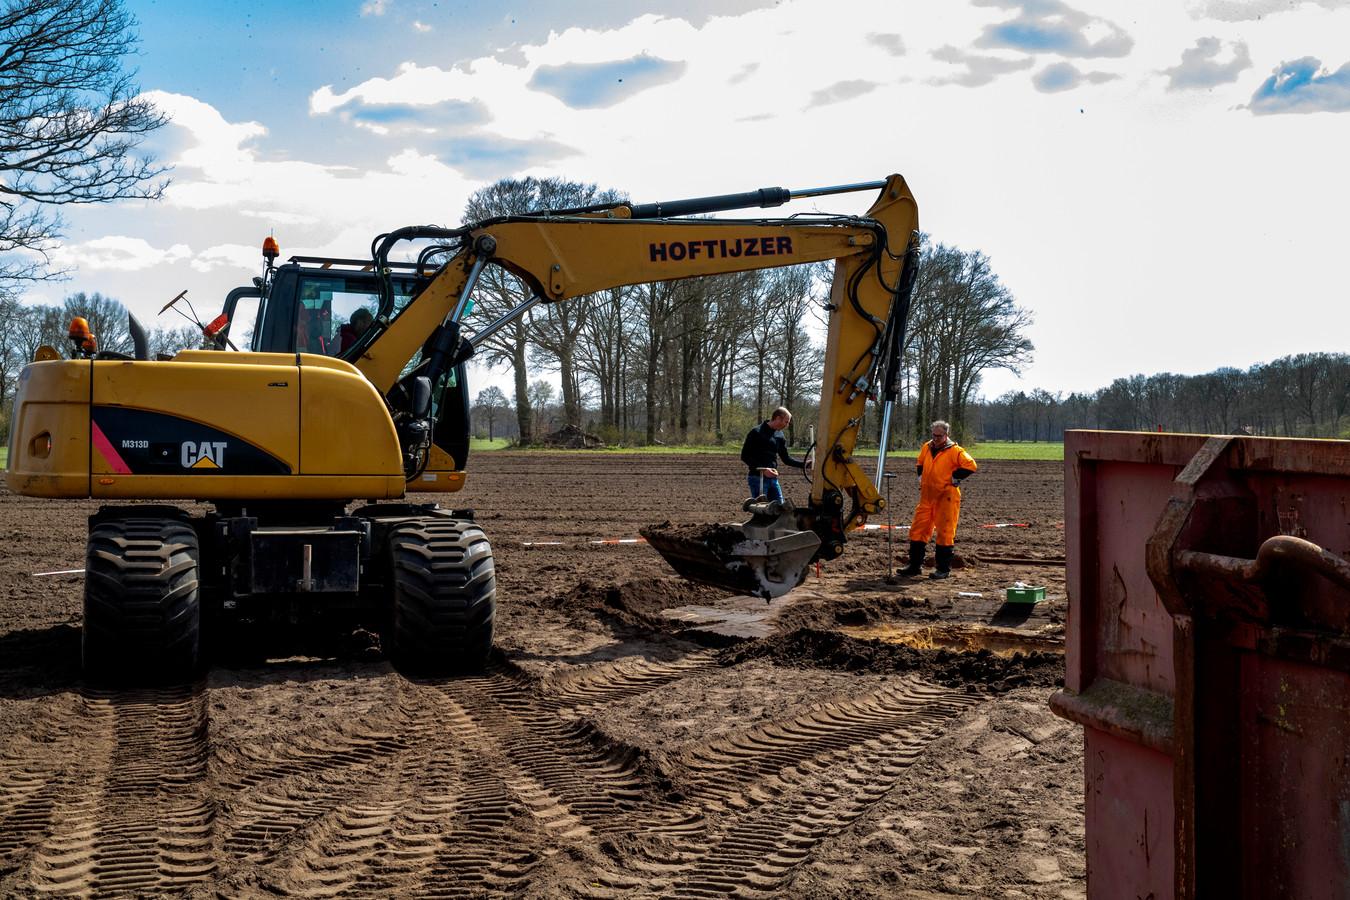 De vervuilde grond wordt gesaneerd terwijl een milieudeskundige (oranje overall) bodemmonsters neemt.